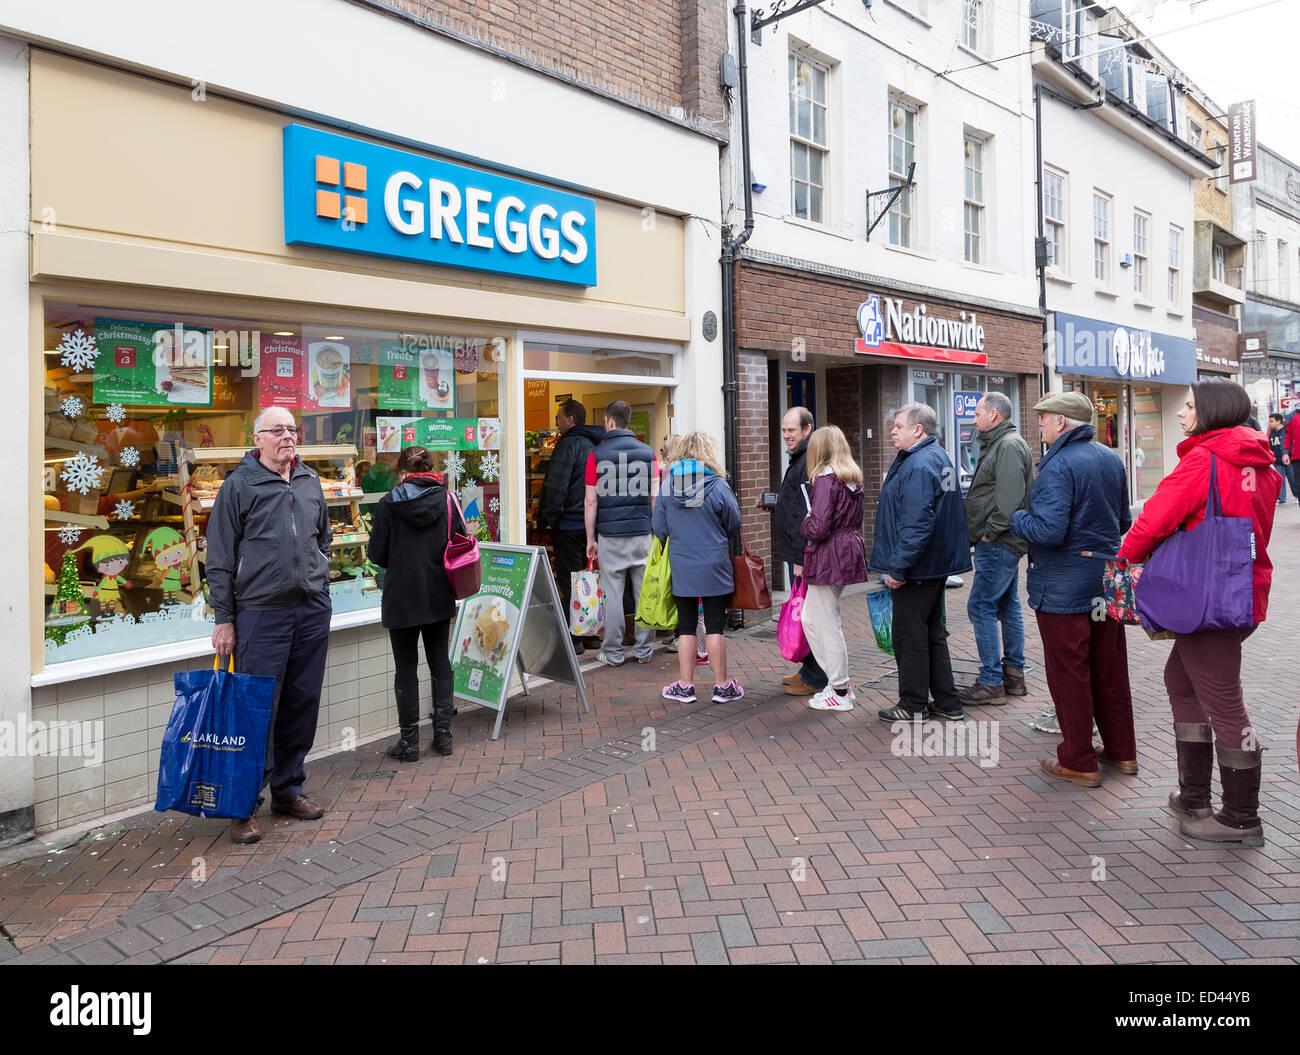 En dehors de la file d'Greggs bakers, Galles, Royaume-Uni Photo Stock